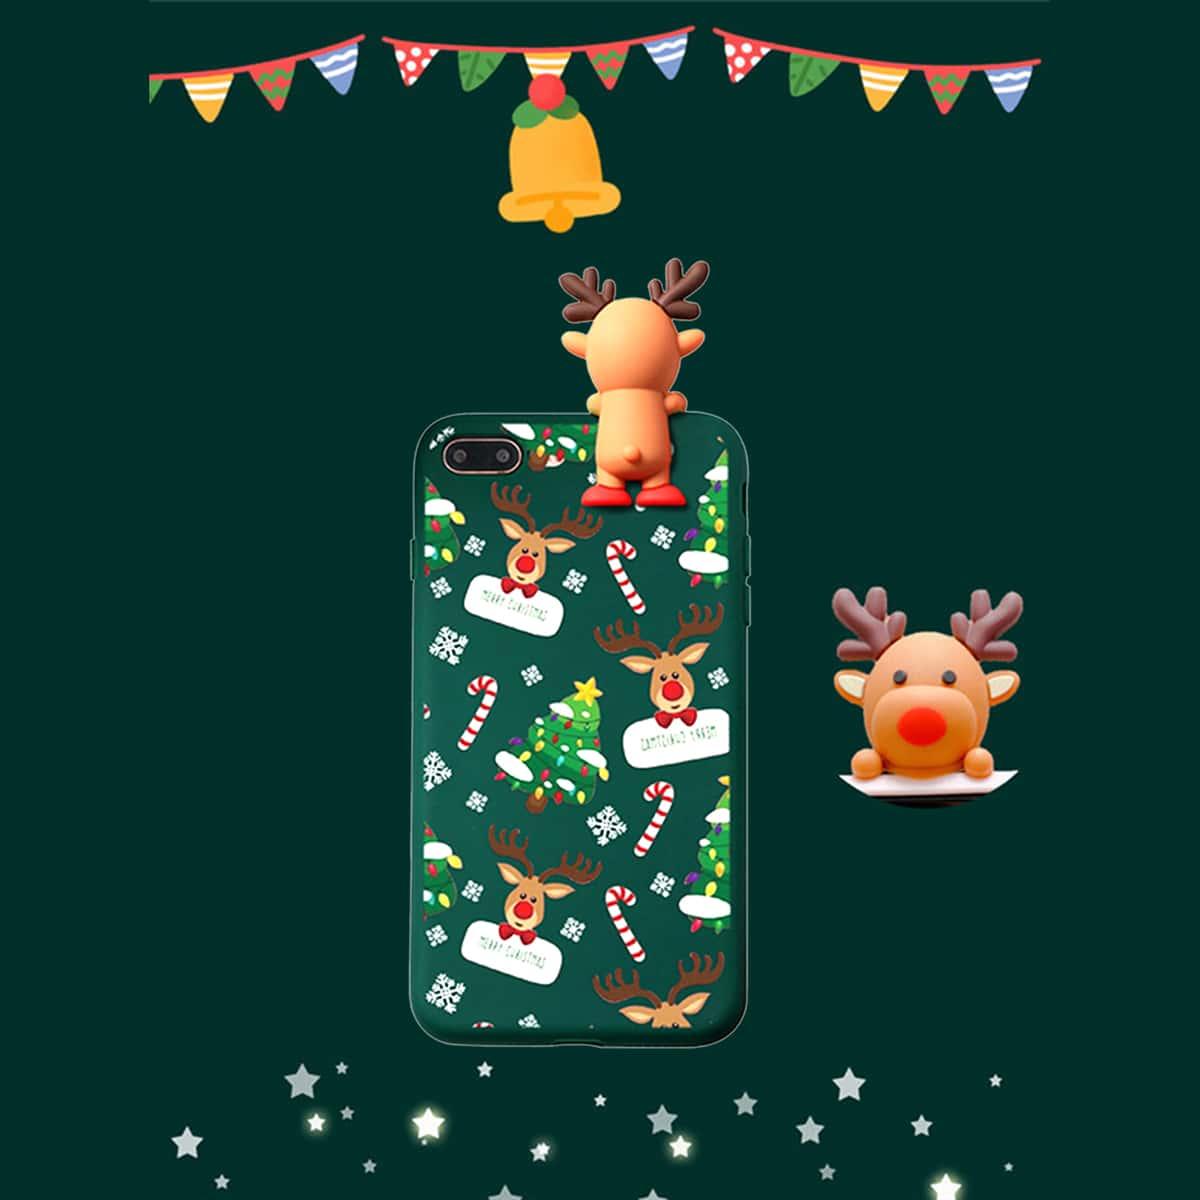 Weihnachten Handyhülle mit Hirsch Dekor